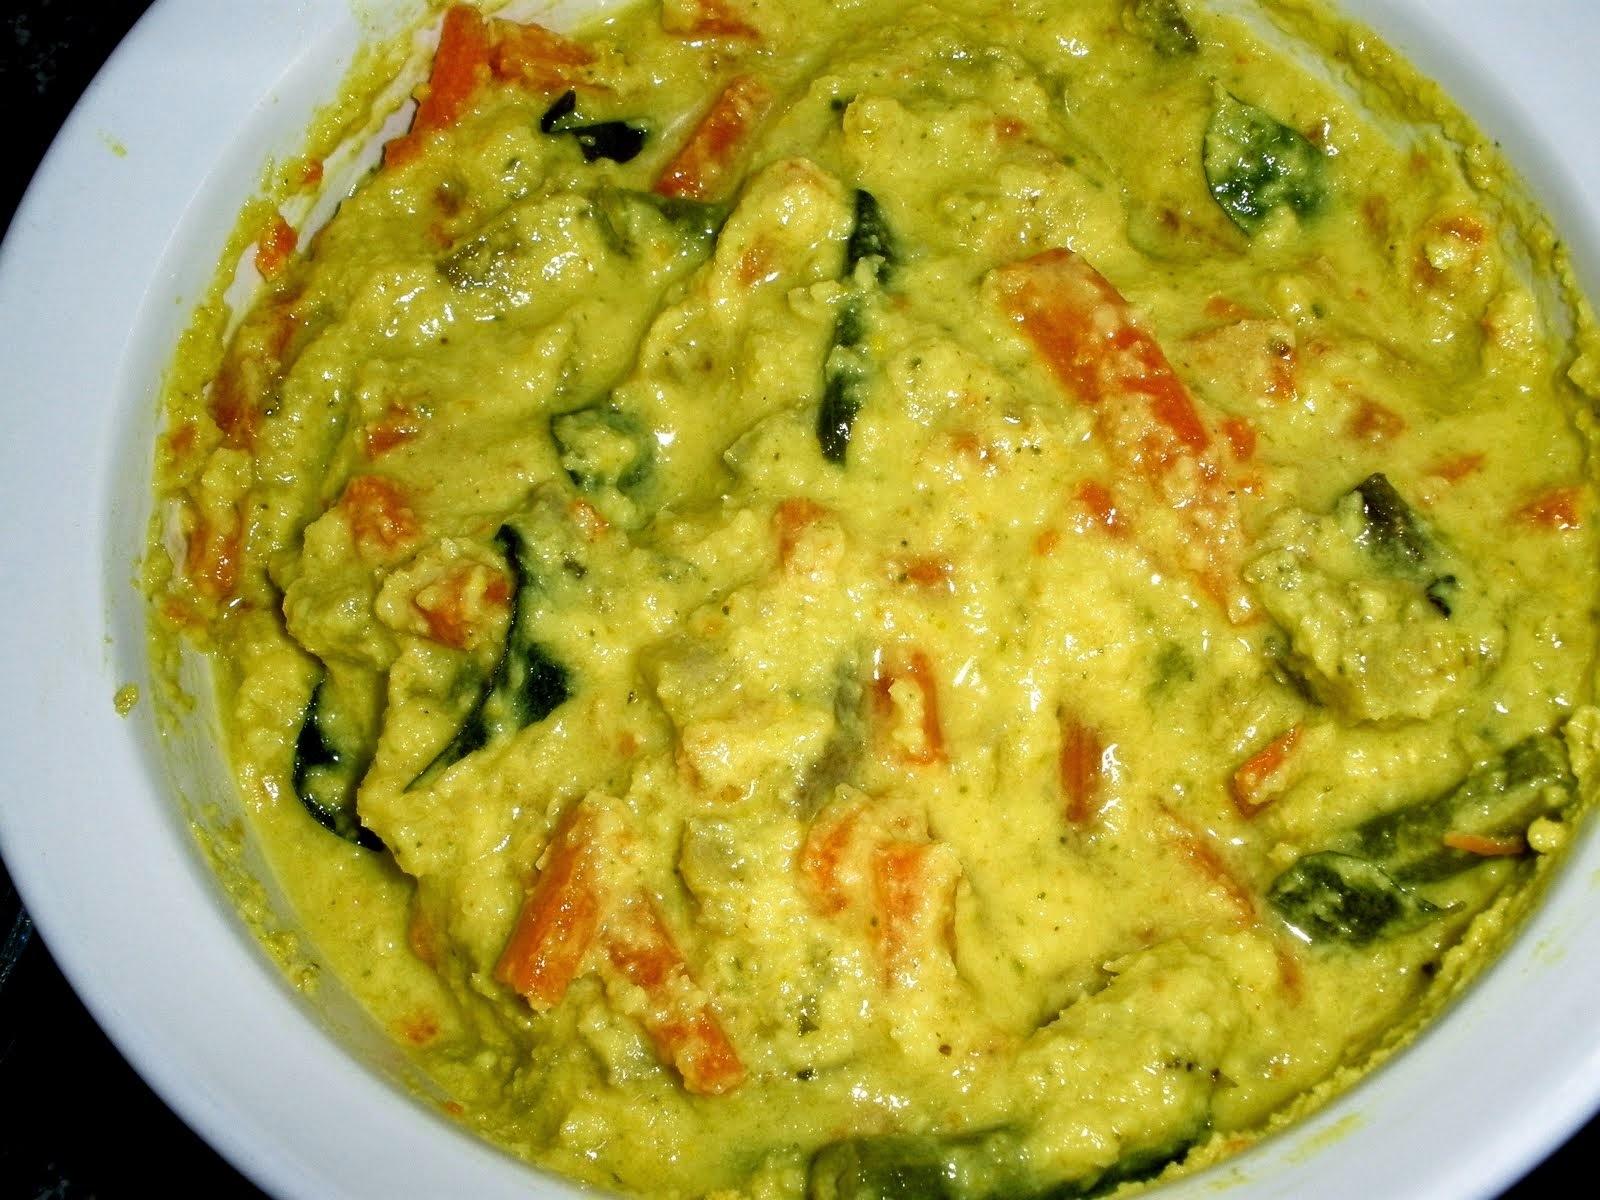 Tirunelveli Special Nellai Sodhi - Coconut milk vegetable curry - Traditional Tamilnadu Regional Recipe